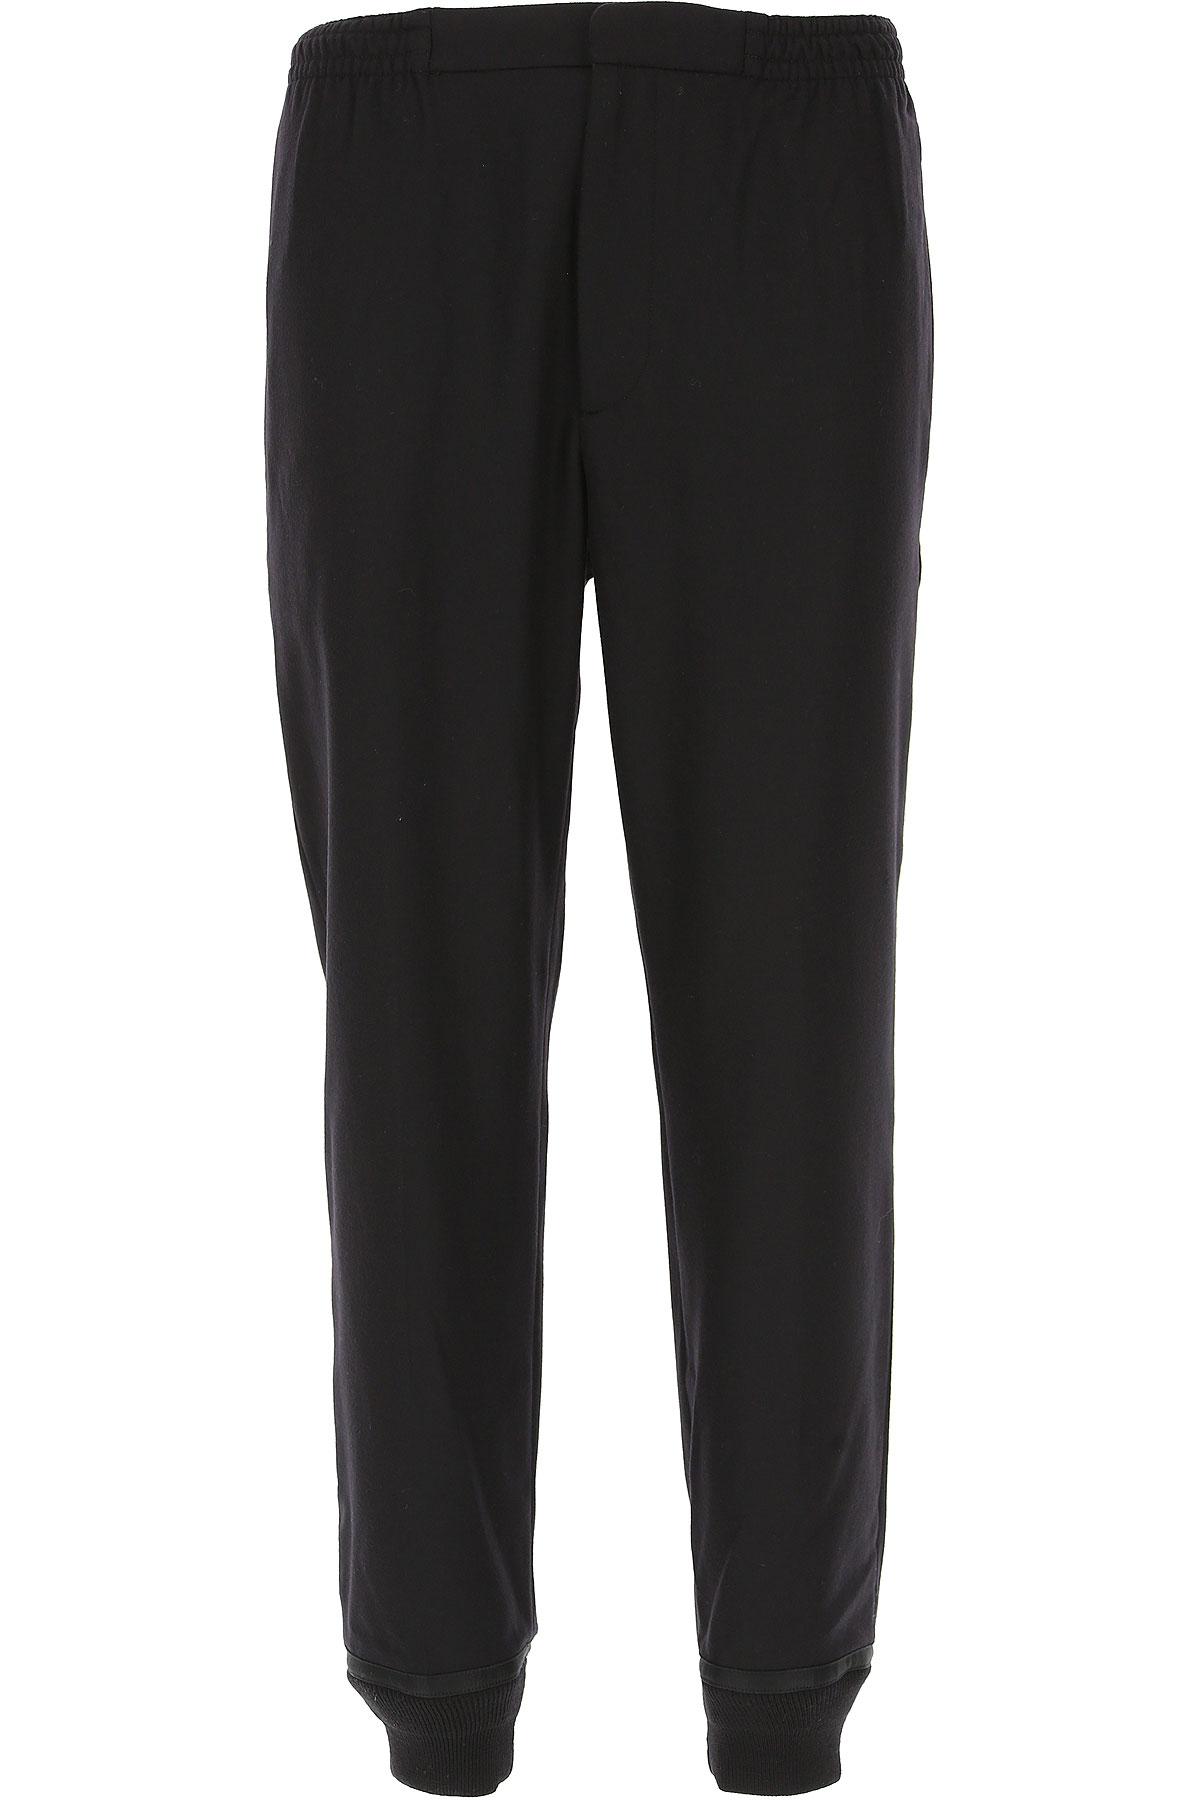 Image of Alexander McQueen Pants for Men, Black, Wool, 2017, 32 36